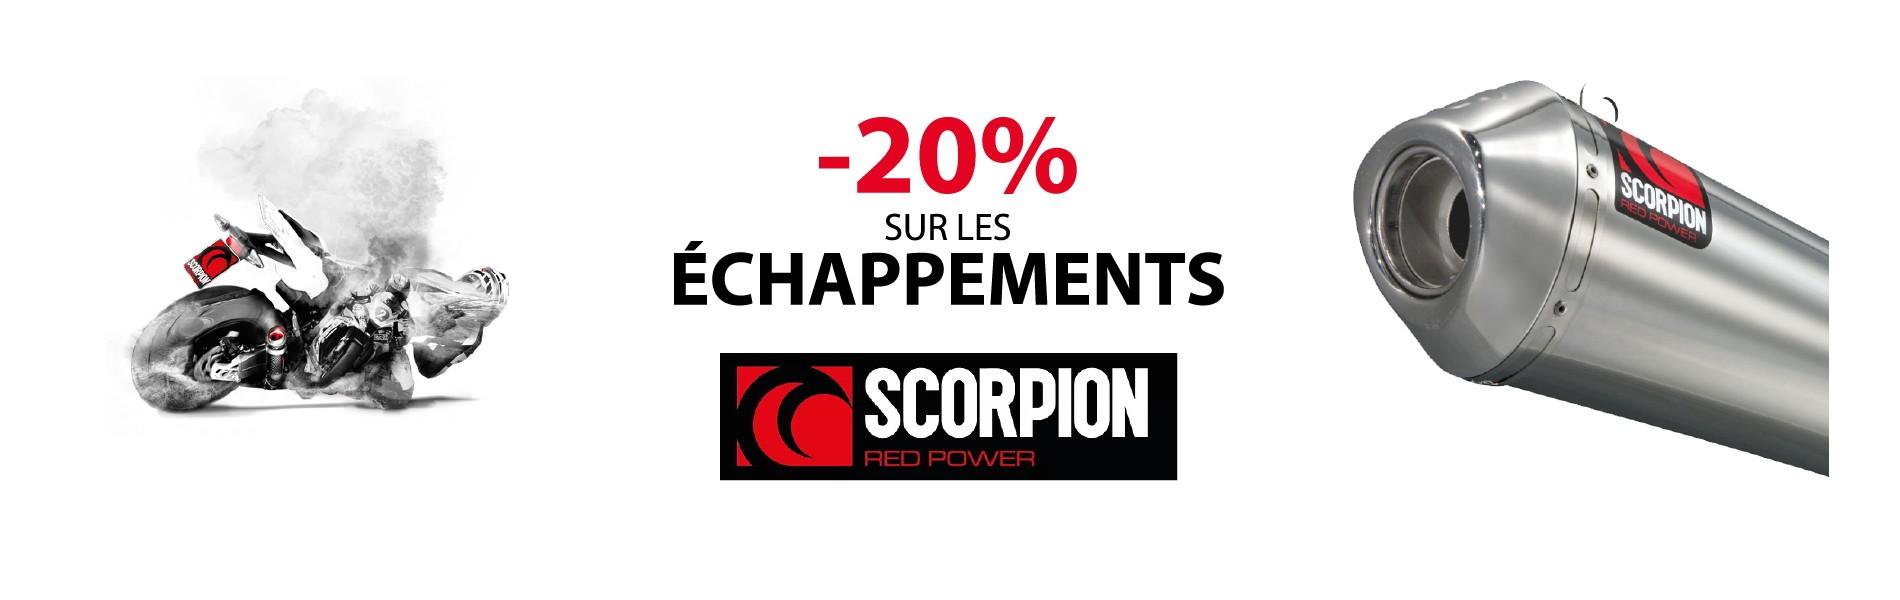 Promo sur les silencieux Scorpion